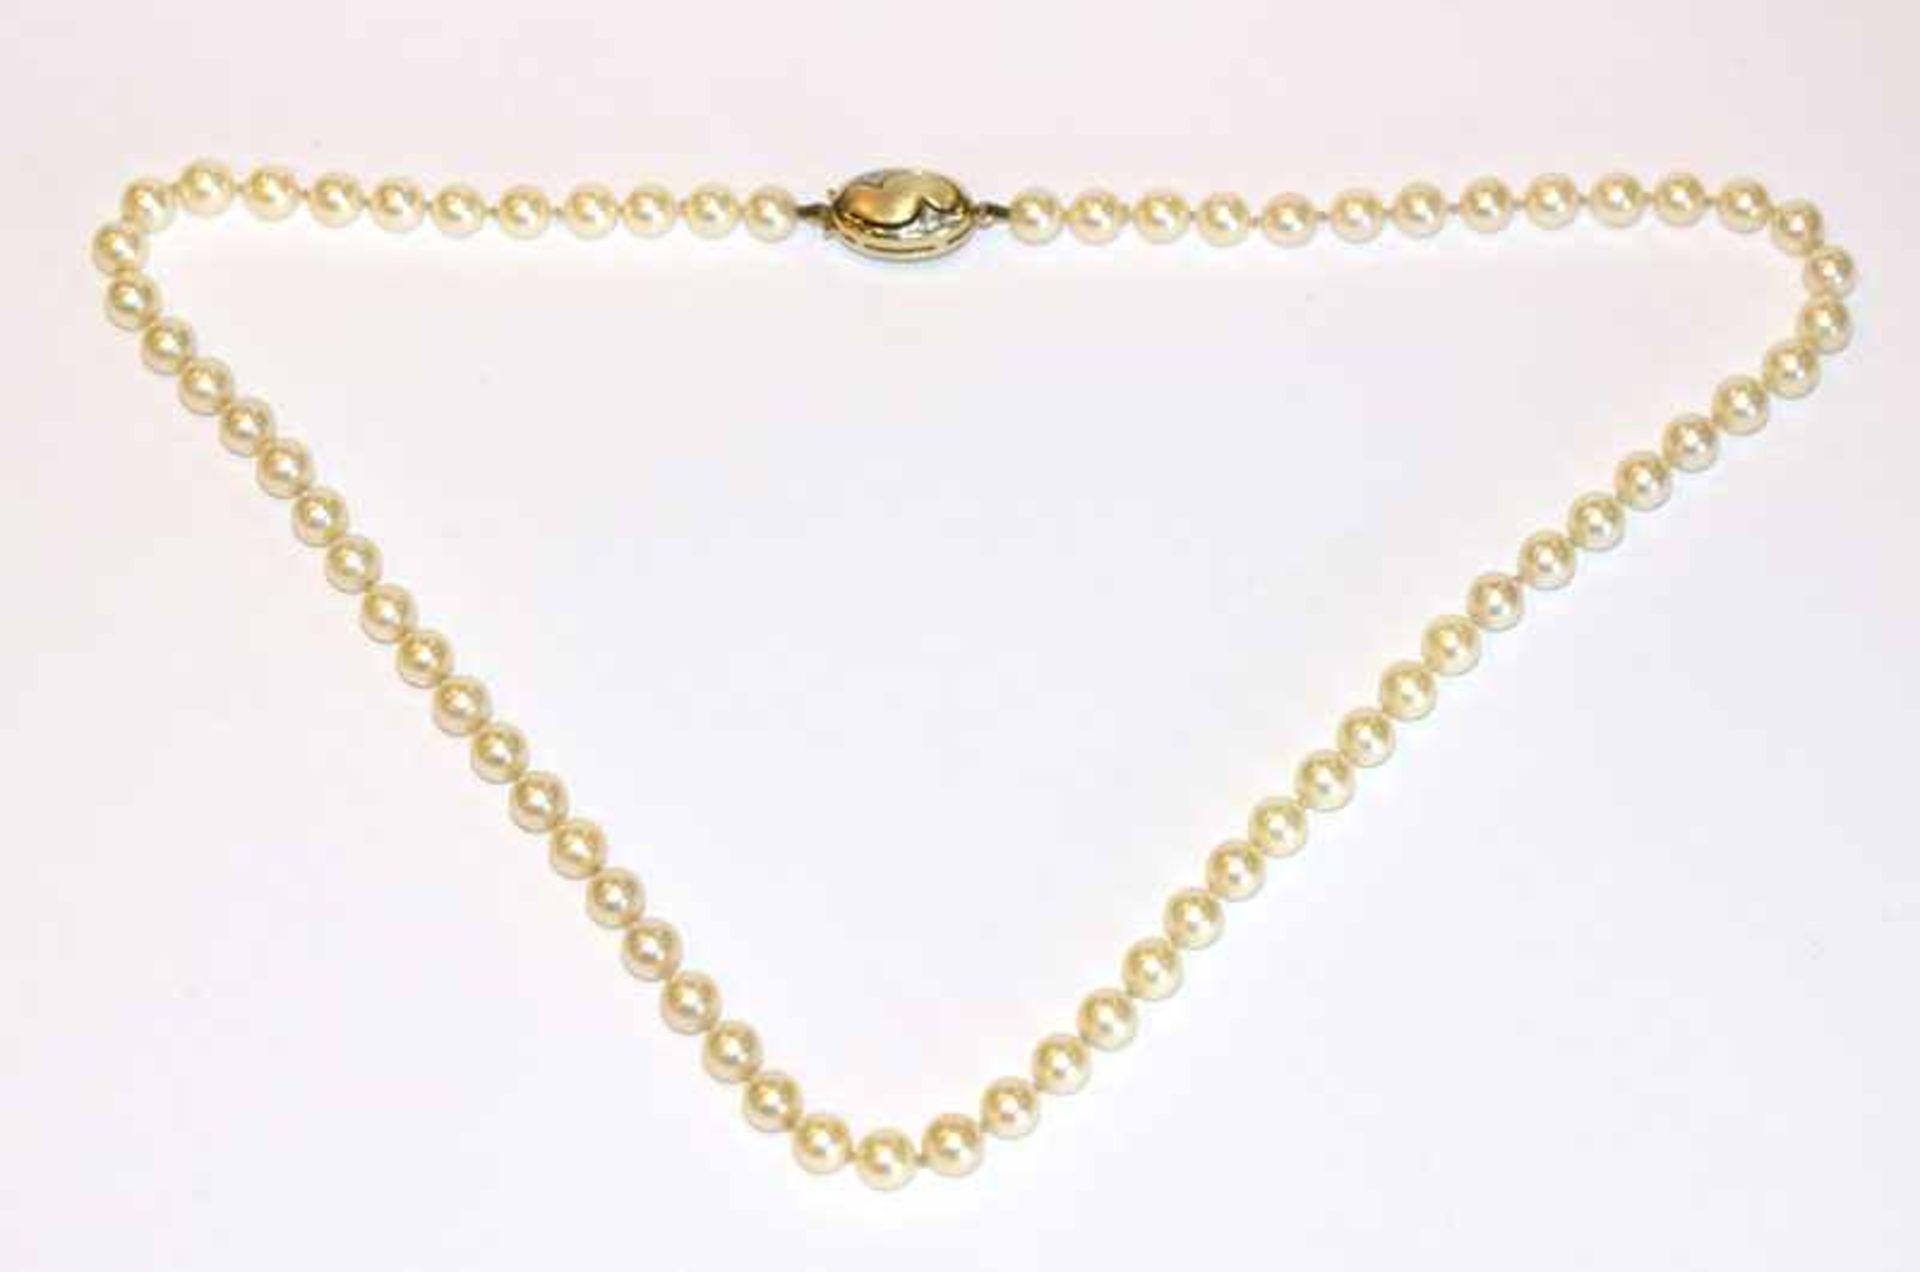 Perlenkette mit 14 k Gelbgold Schließe, L 48 cm